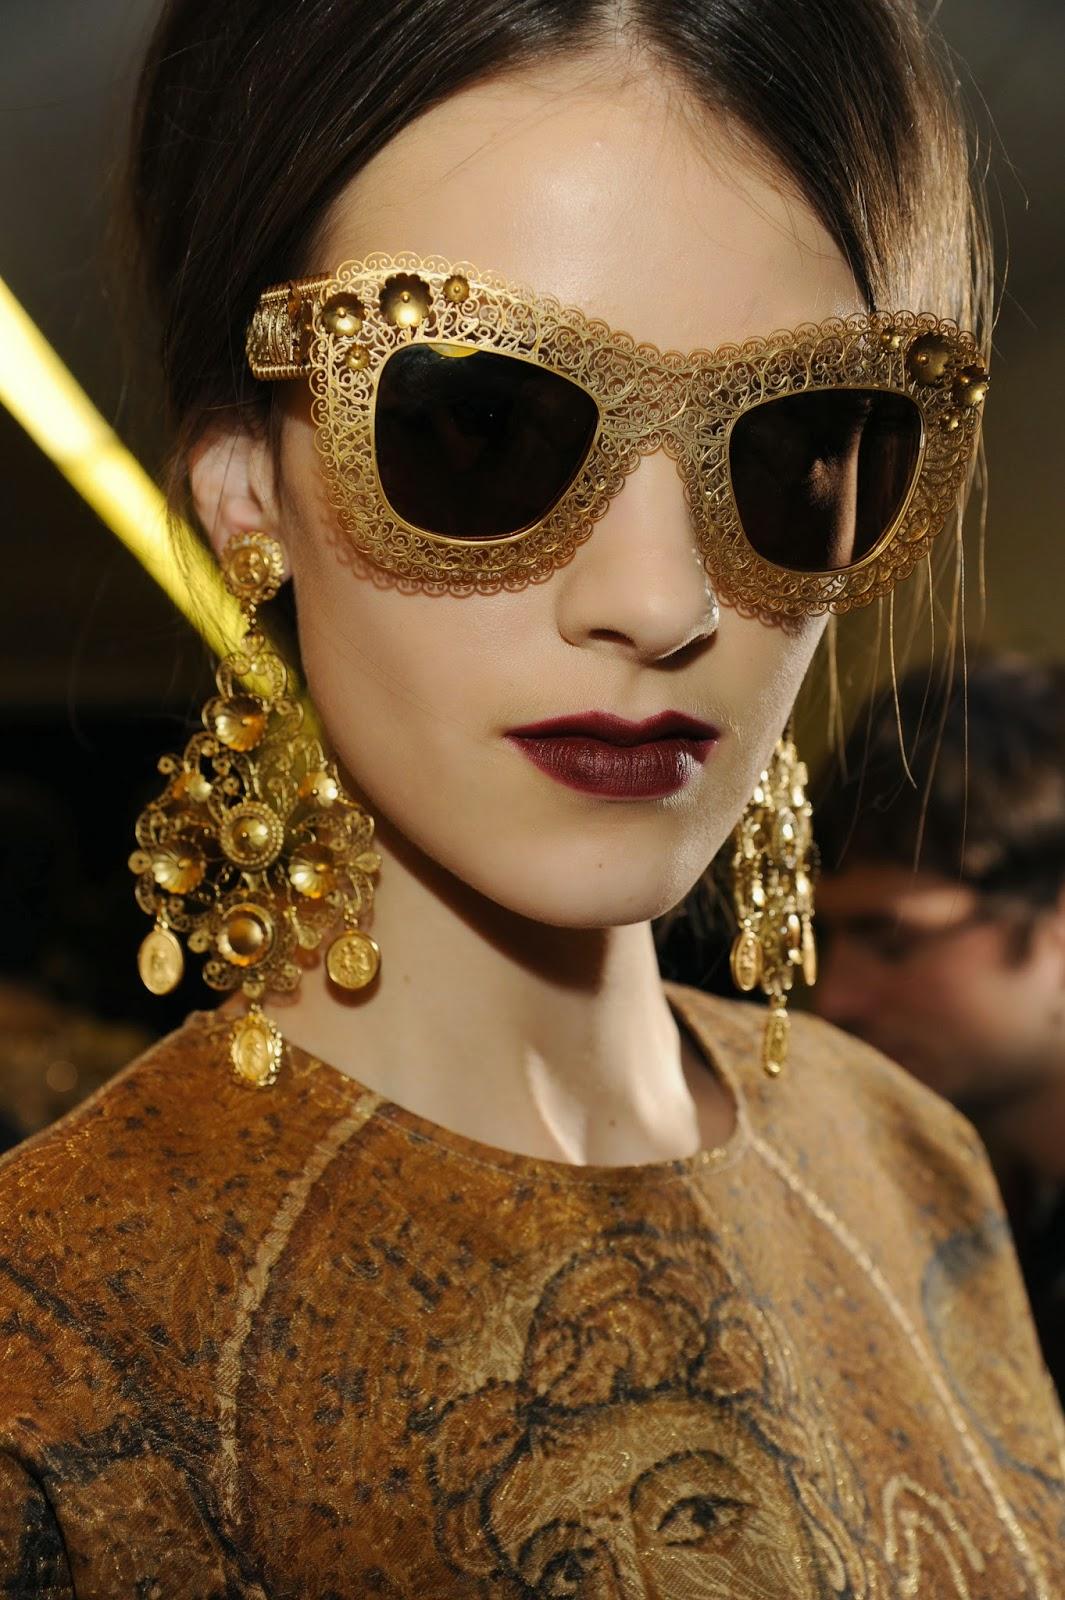 b05bf2fd57 ... Dolce & Gabbana en su colección otoño-invierno 2013/2014. Las gafas de  sol con mosaico y filigrana de oro se inspiran en la joyería siciliana ...